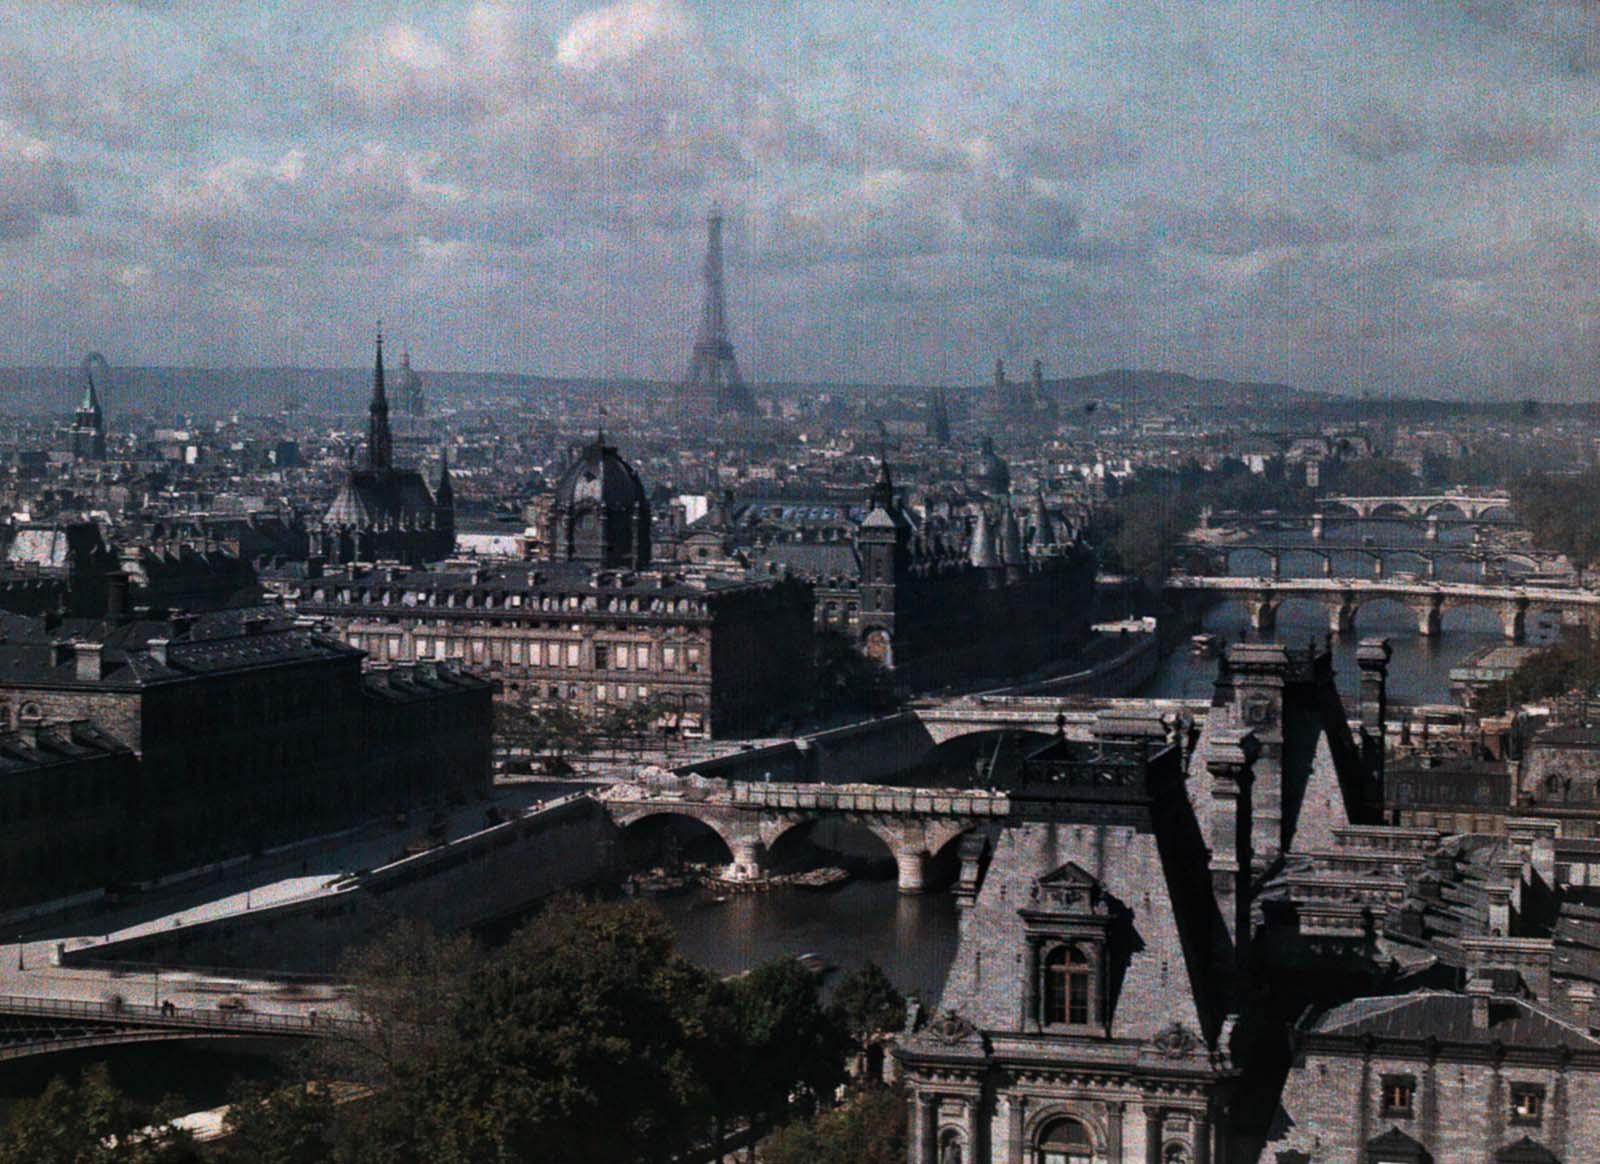 오토크롬으로 촬영한 1923년 파리의 컬러 사진